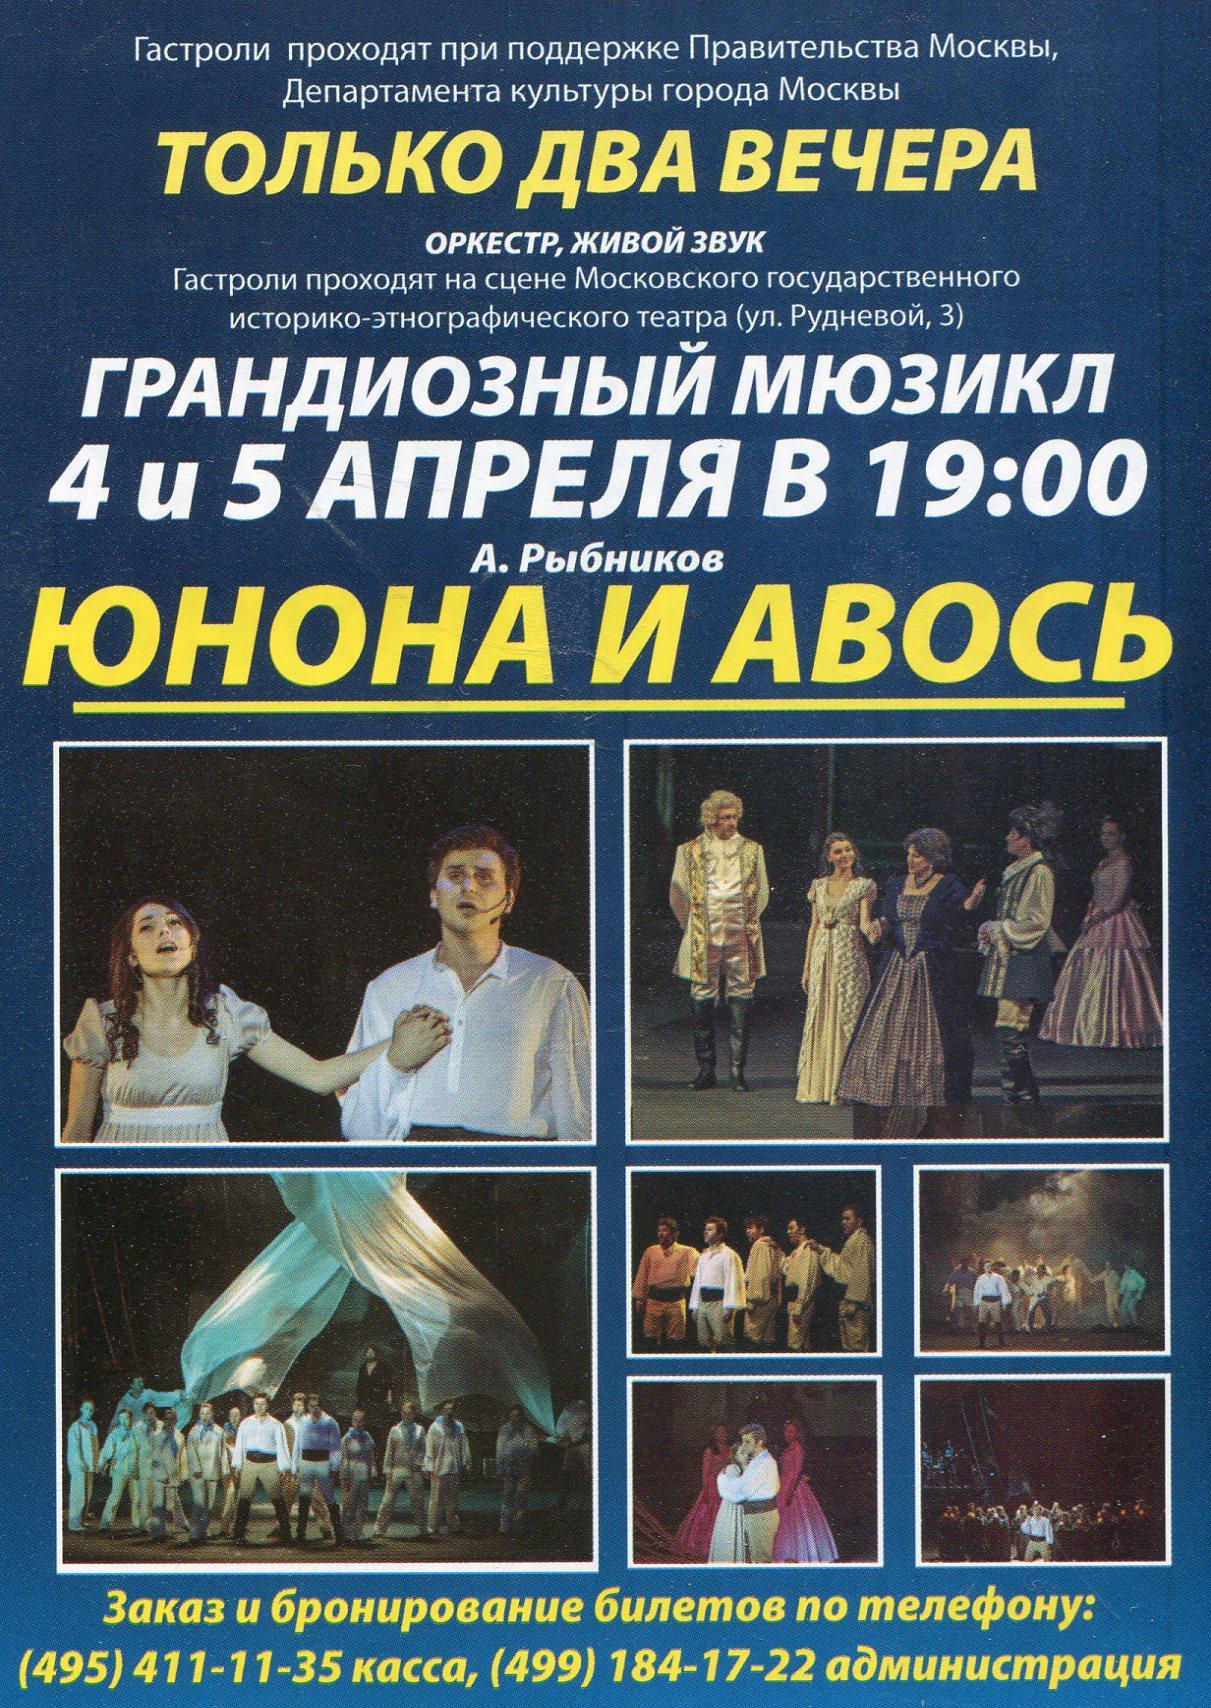 Кинешемский театр снова в Москве